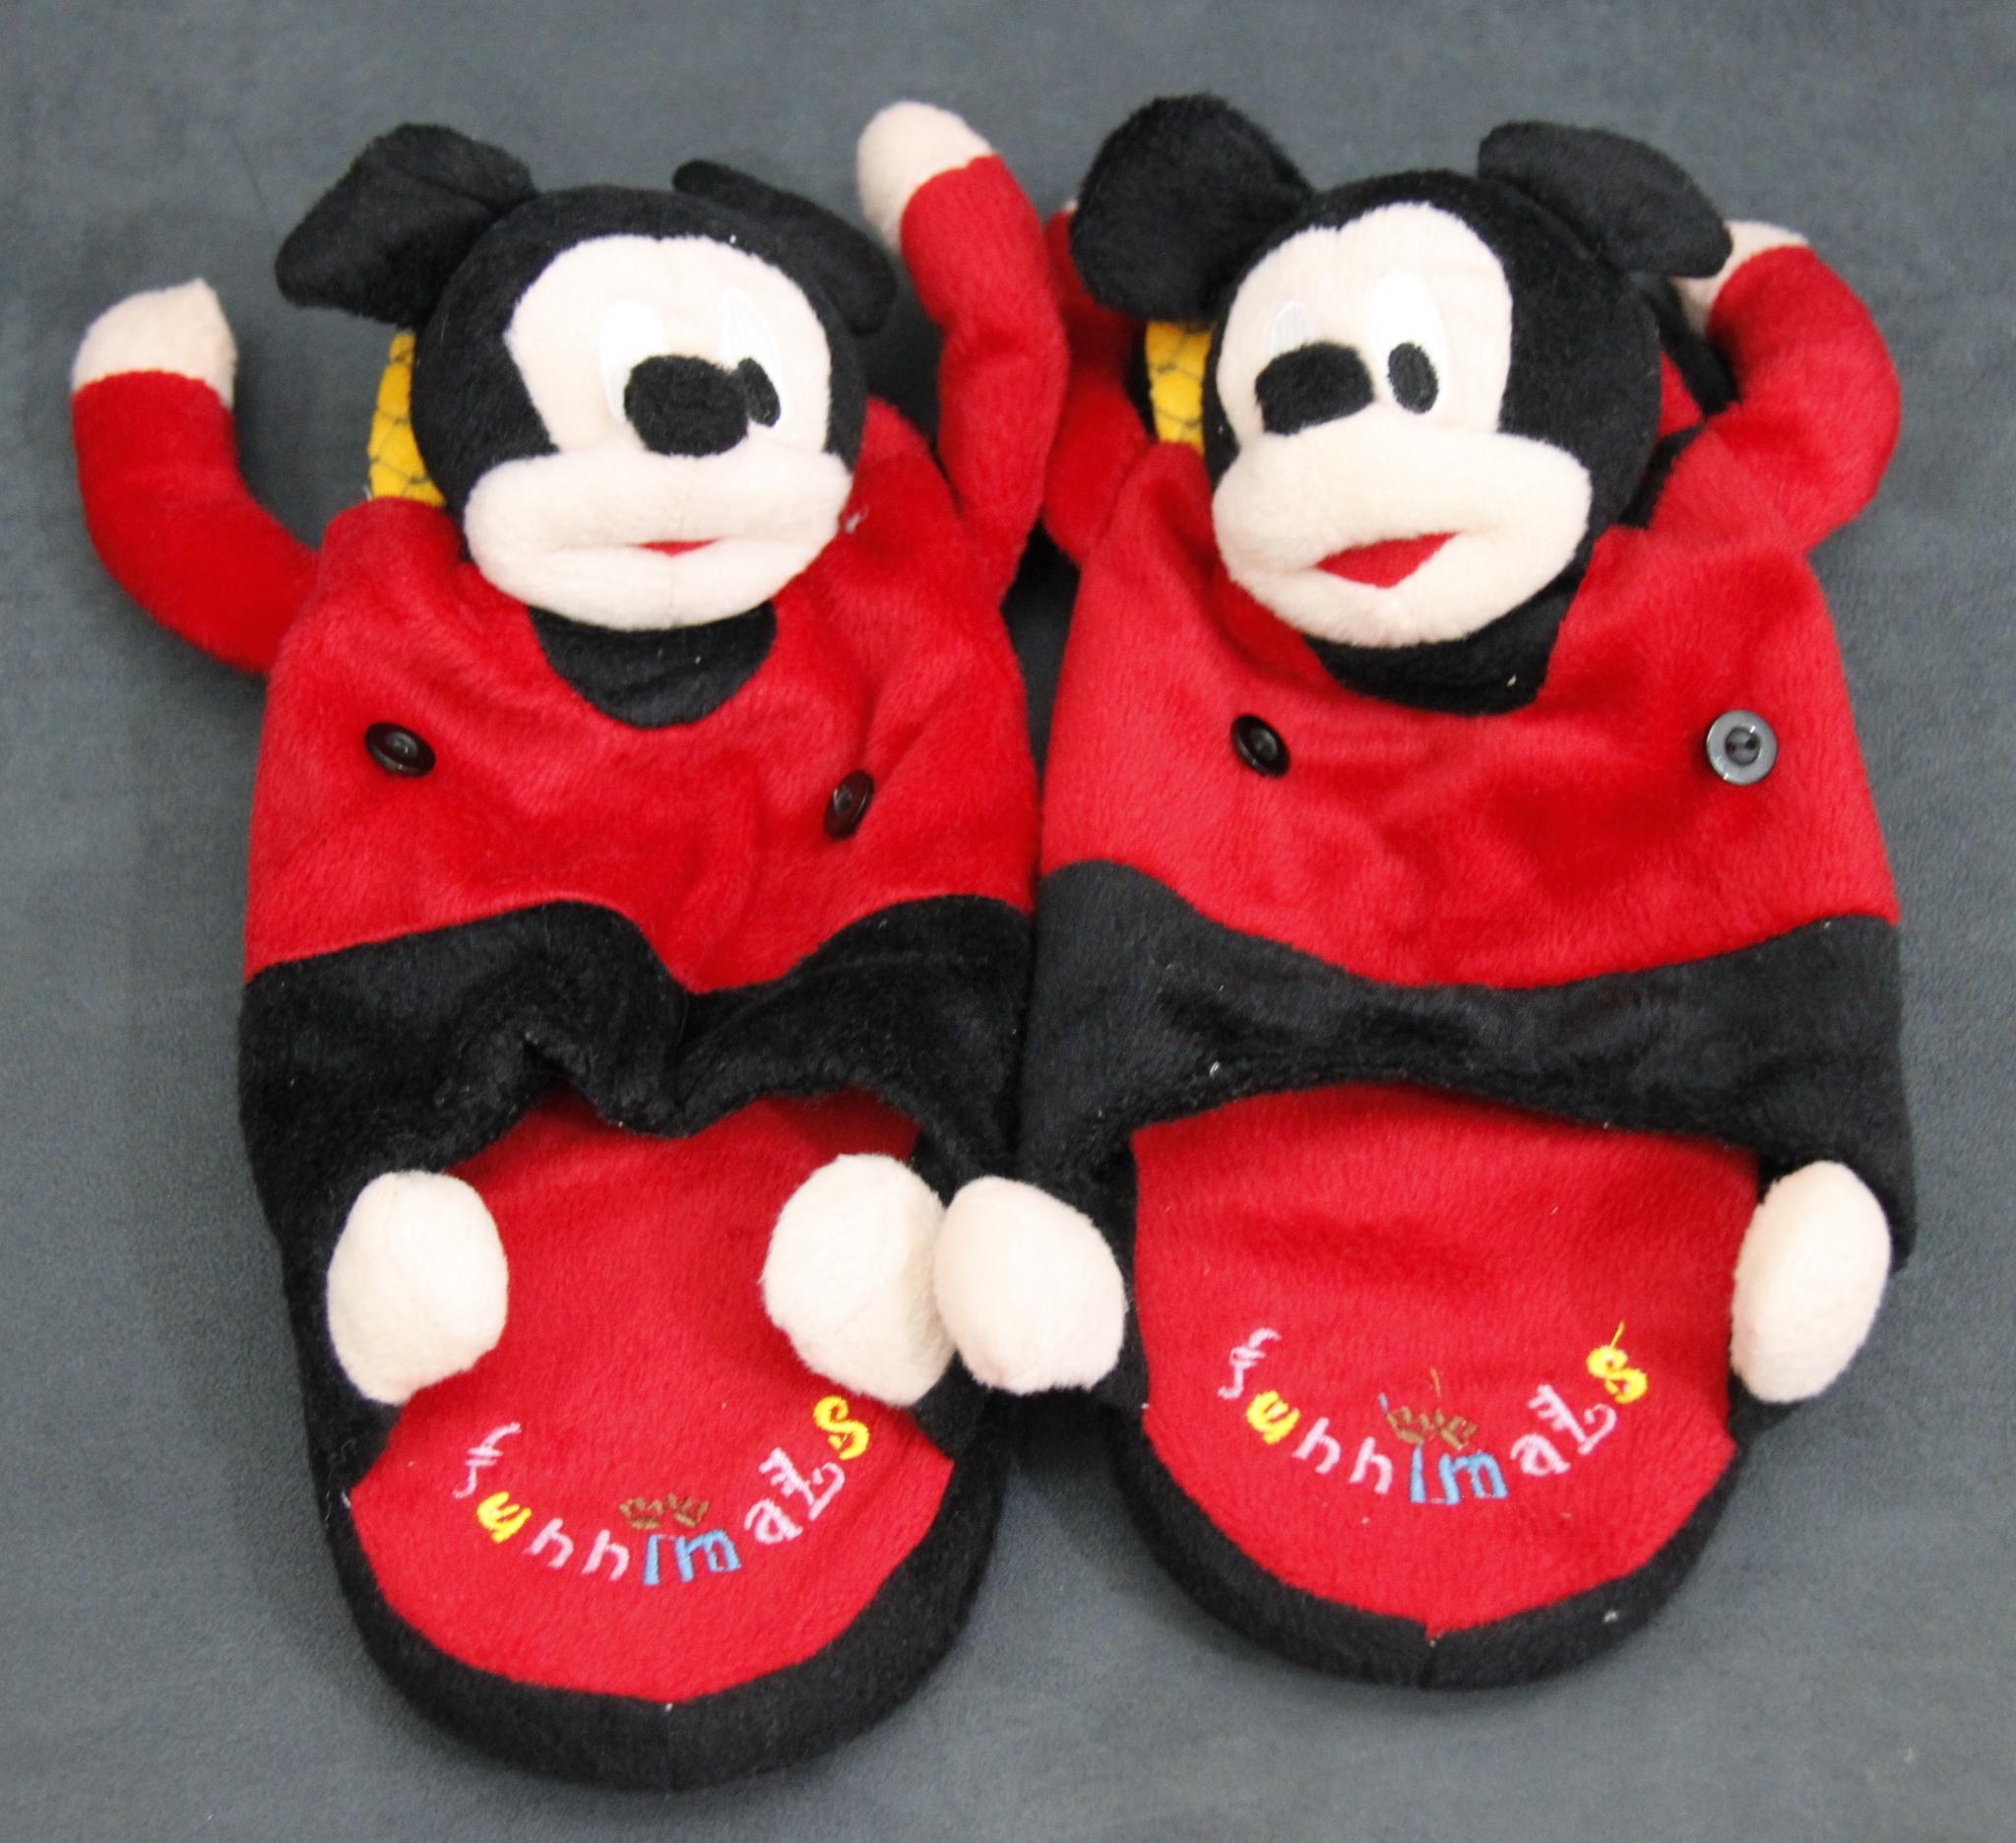 harga Sandal boneka Mickey Mouse merah ukuran besar Tokopedia.com